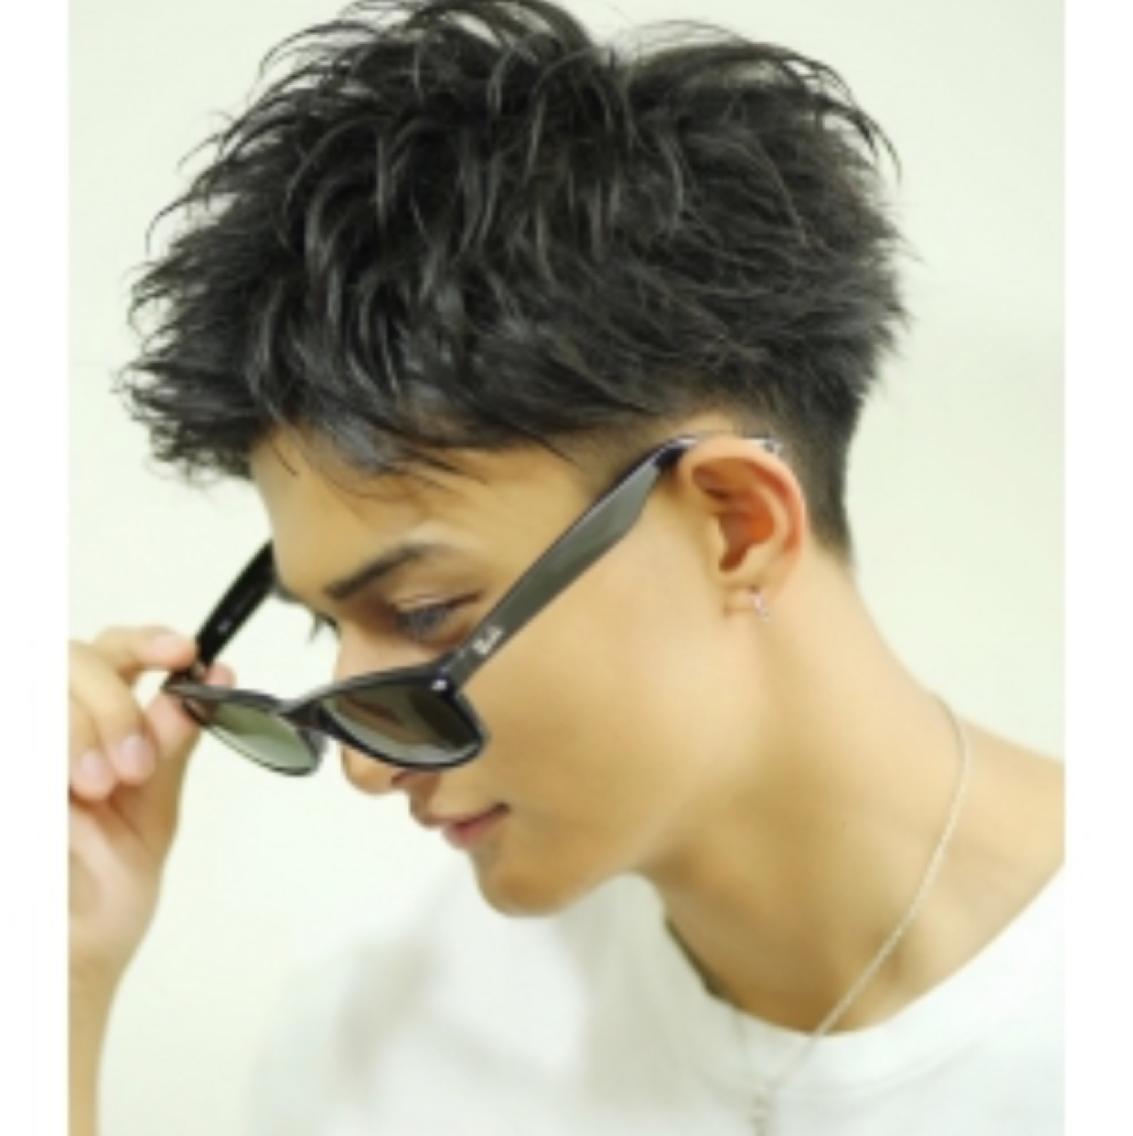 ✨4/1メンズ専門店大宮初オープン✨髪型で悩んでいる方、一度僕に任せてください必ず満足させます‼️